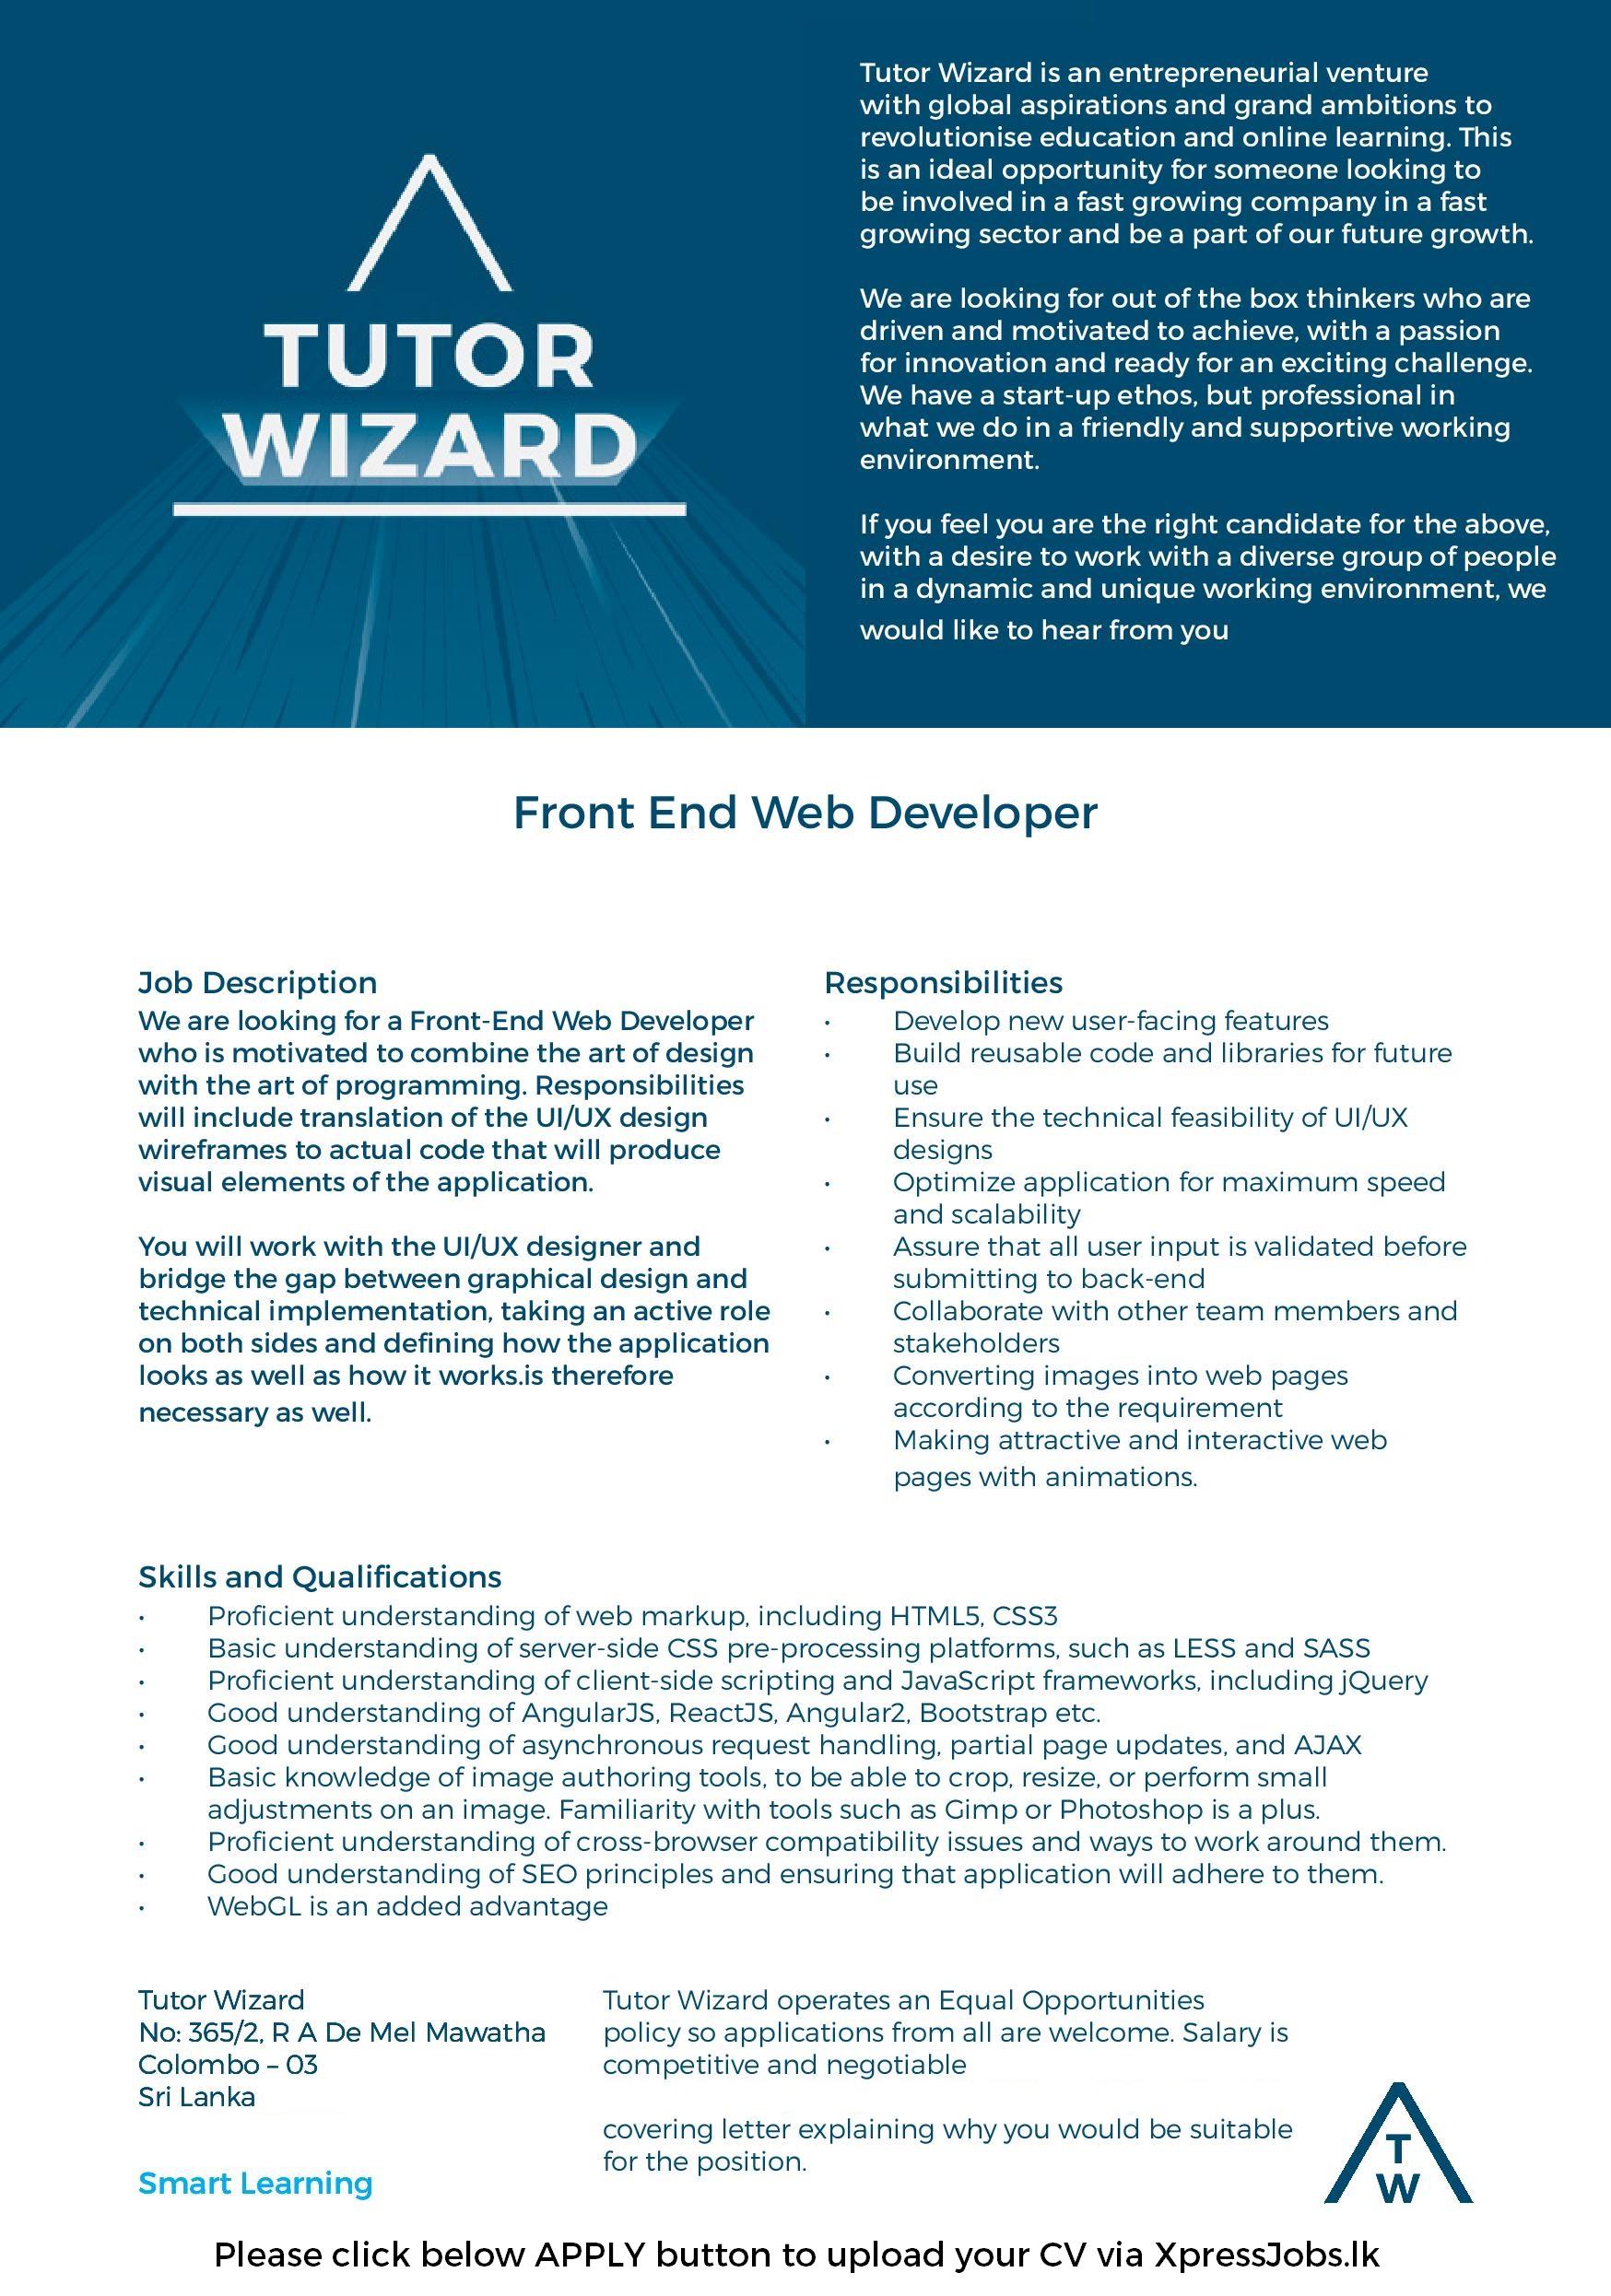 app developer job description the how to write a resume as a getjobimagejobid ui developer - App Developer Job Description